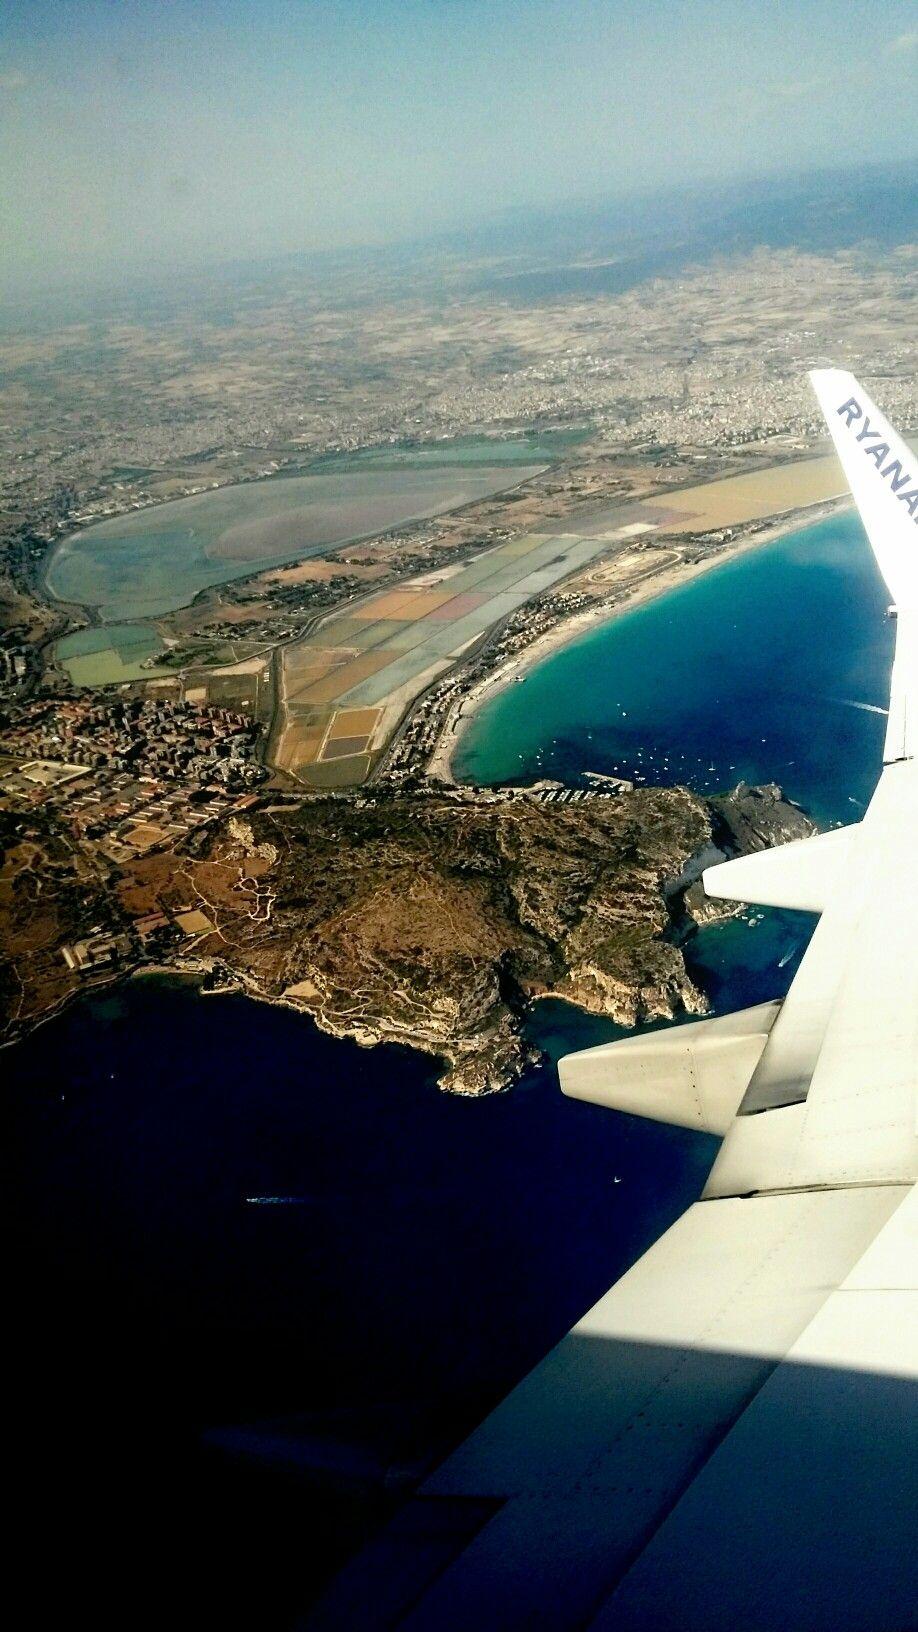 Immagine di Alessandro Mura su Cagliari Sardegna